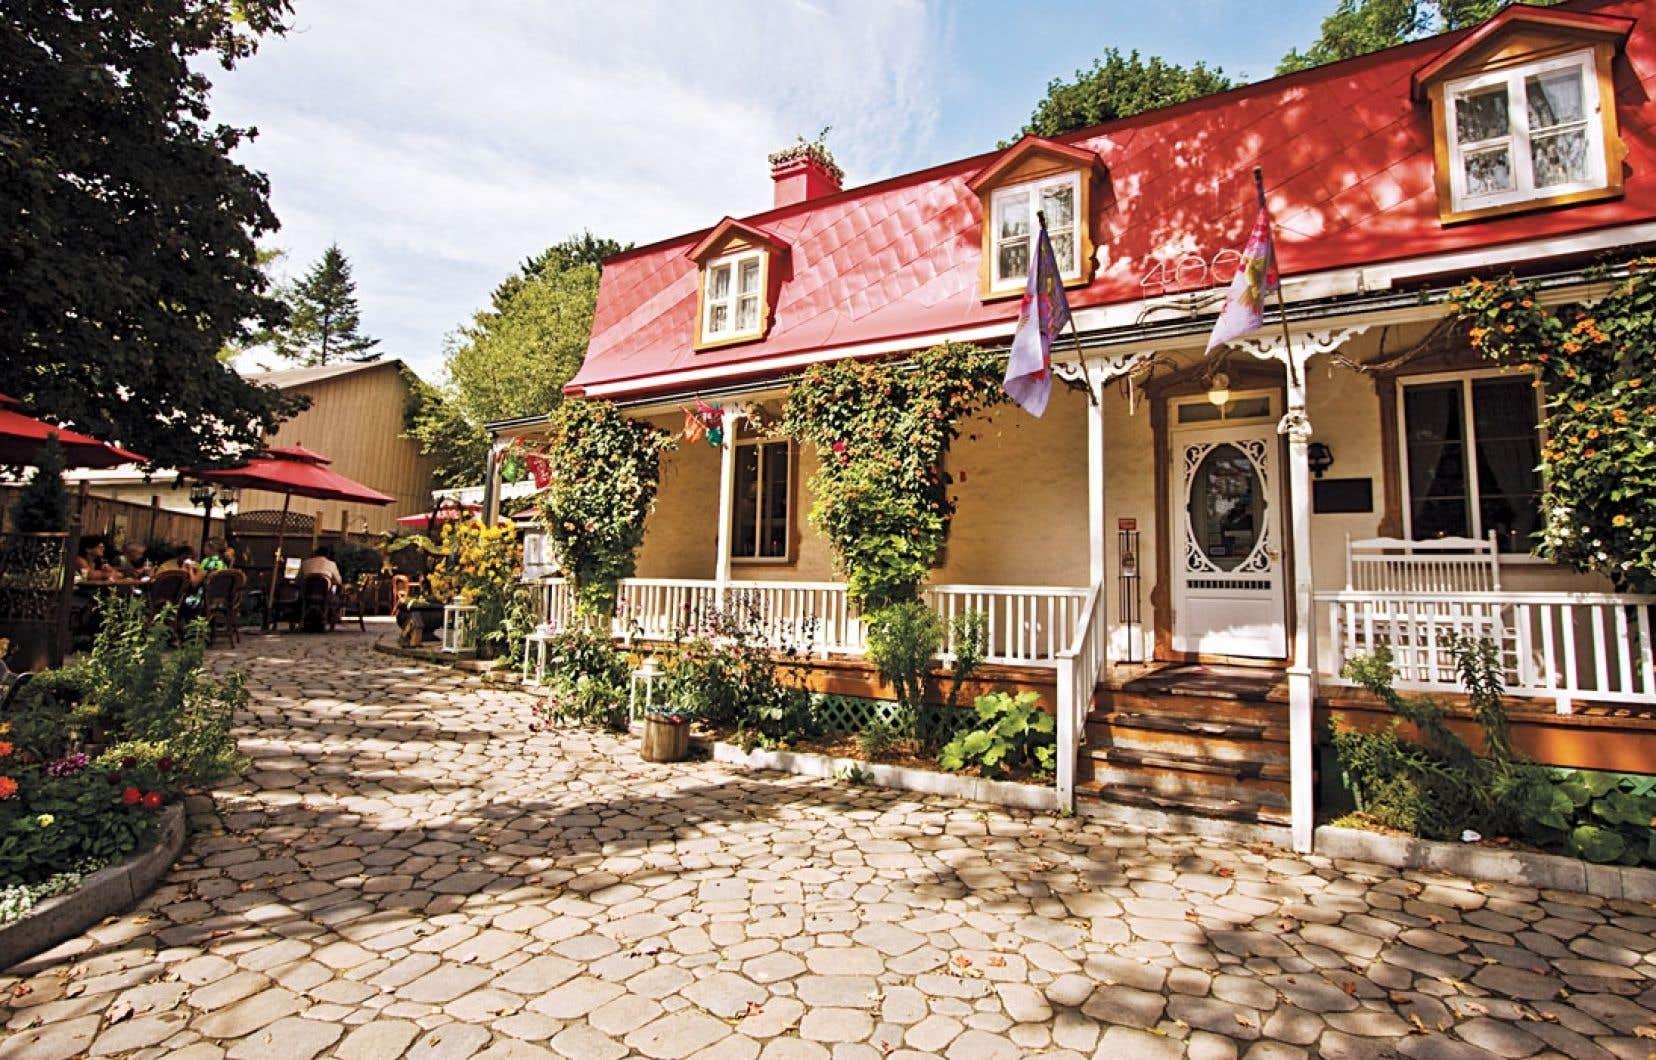 C'est dans une maison tricentenaire au cœur du quartier historique Le Trait-Carré, à Charlesbourg, qu'est installée l'une des fudgeries des Martin-Thivierge.